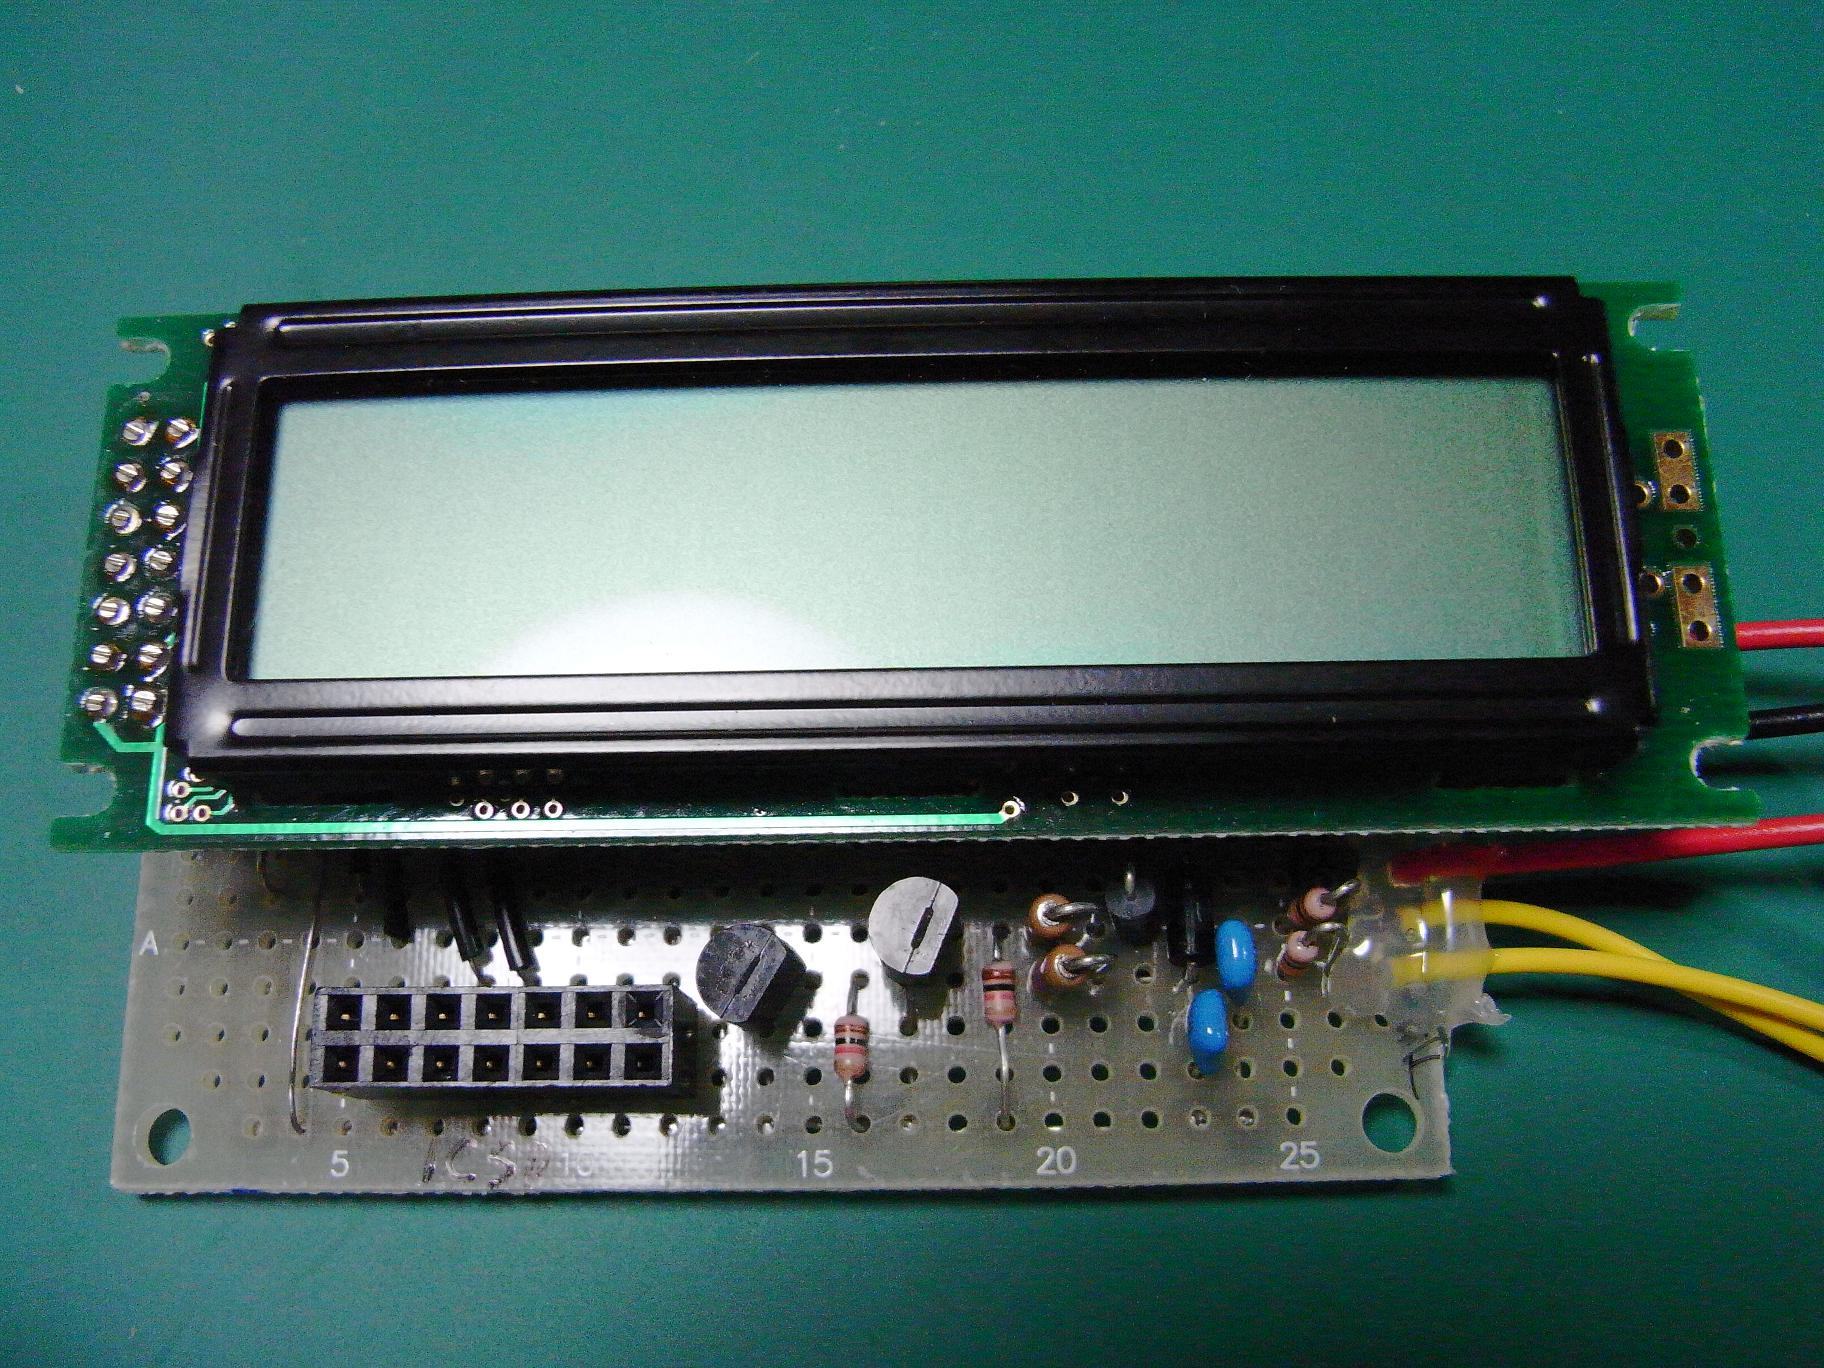 [カブ] タコメータの自作(PICマイコン+LCD)